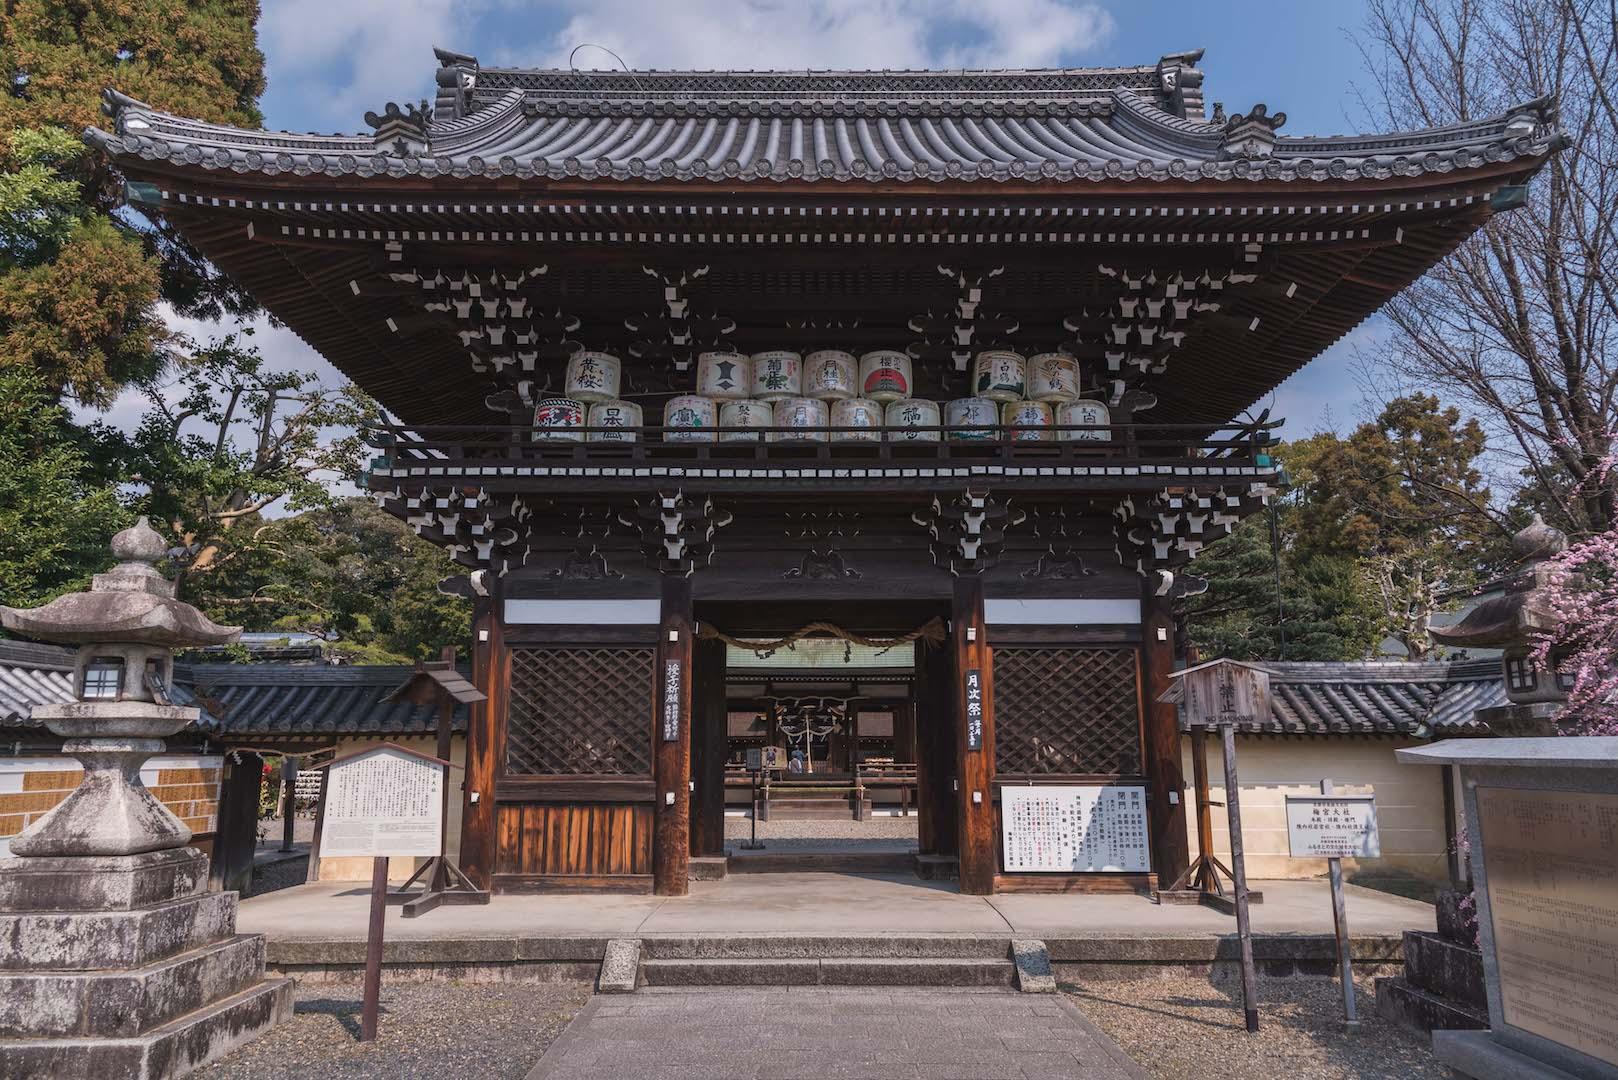 DSC_2081 京都 梅宮大社(境内に咲く35種500本の梅と猫神社で人気の写真スポット。 アクセス情報や交通手段・駐車場情報などまとめ)